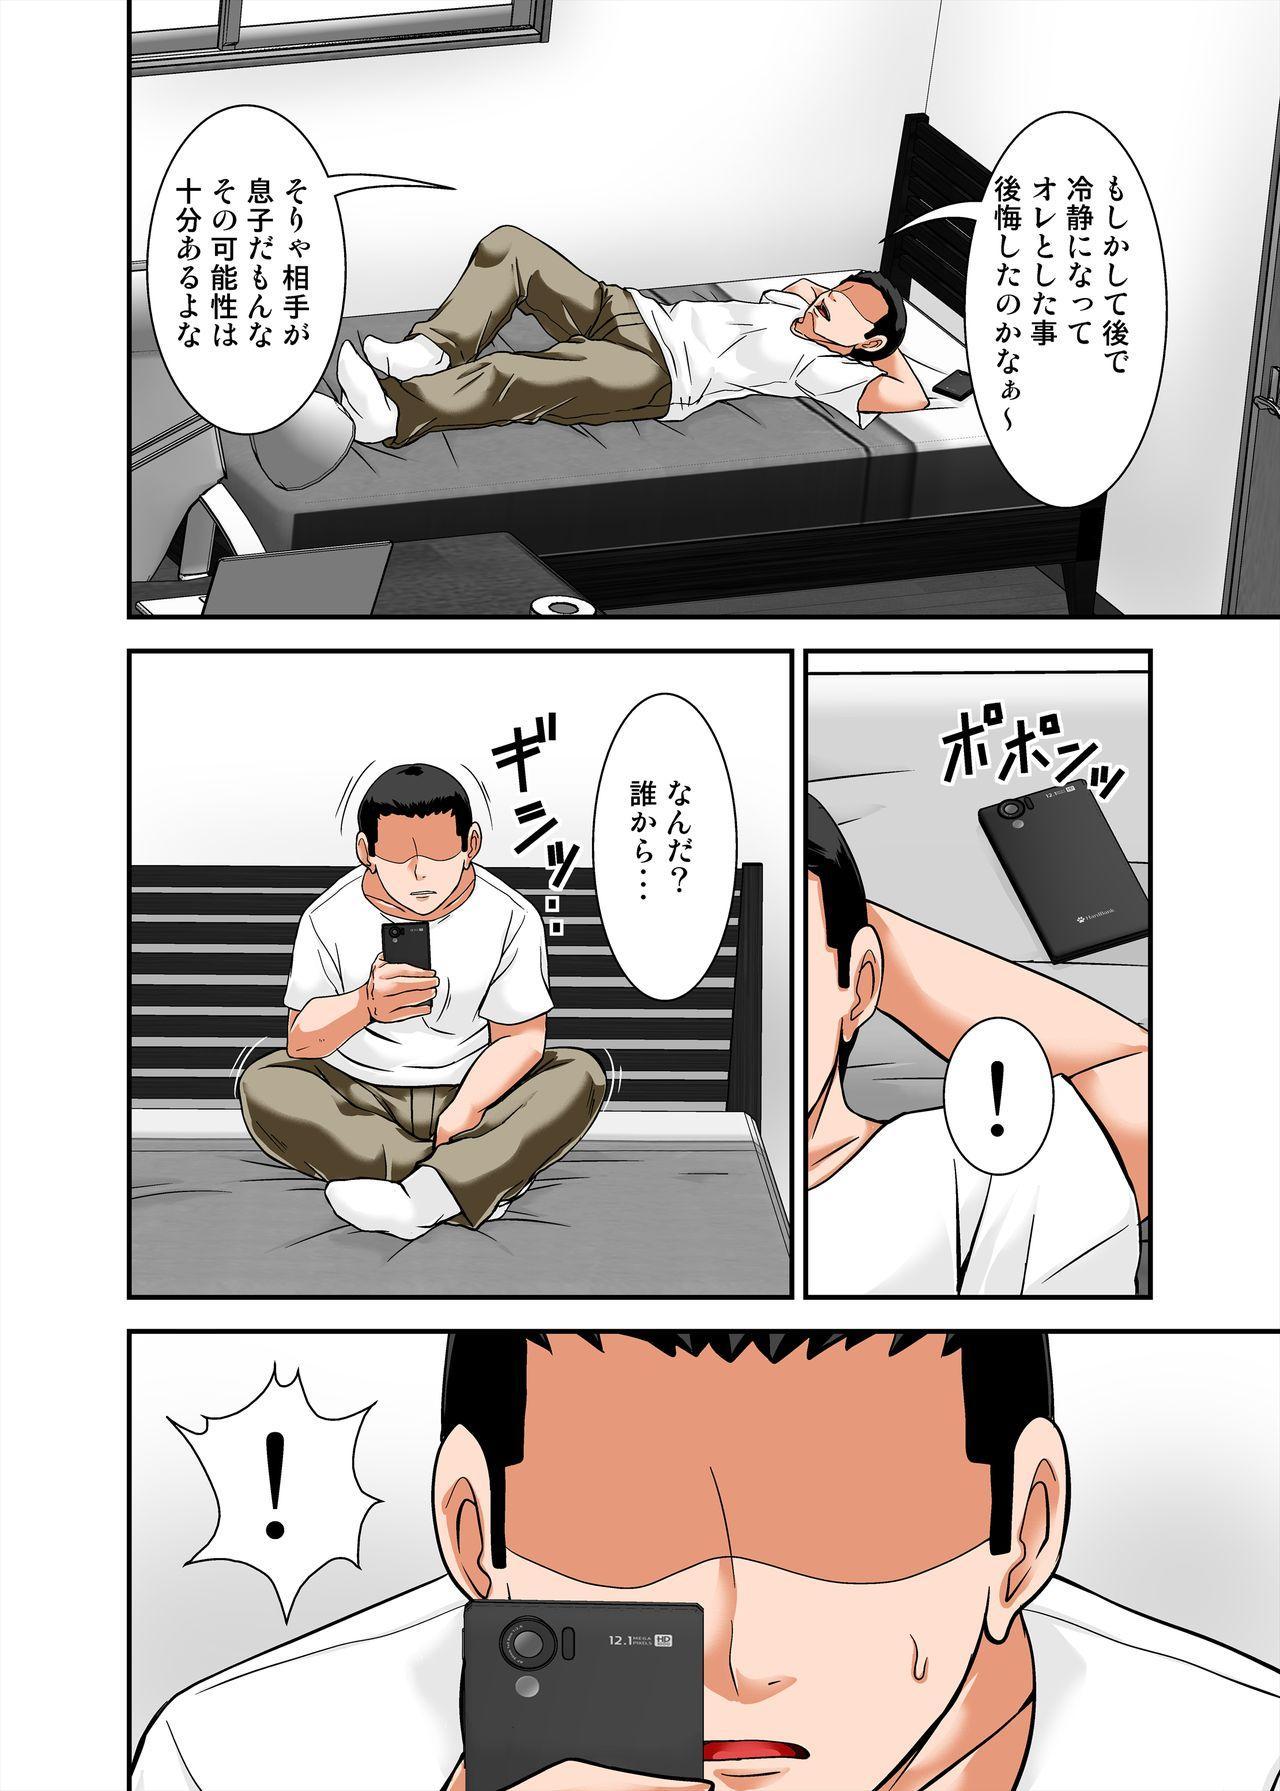 Kaa-san no Yowami o Nigitte SEX Shiyou to Shitara Mechakucha Inran datta ~ SEX no Tsuzukihen ~ 33